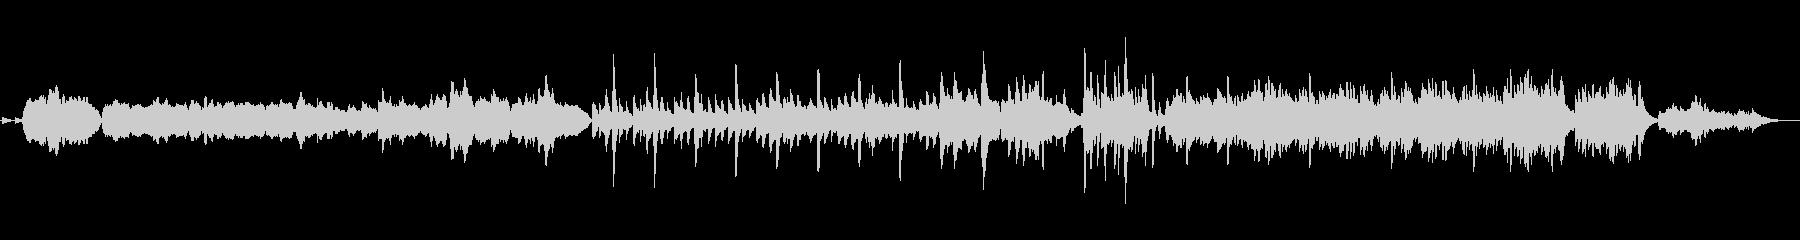 オルガン・ピアノ・ベルの優しいキャロルの未再生の波形